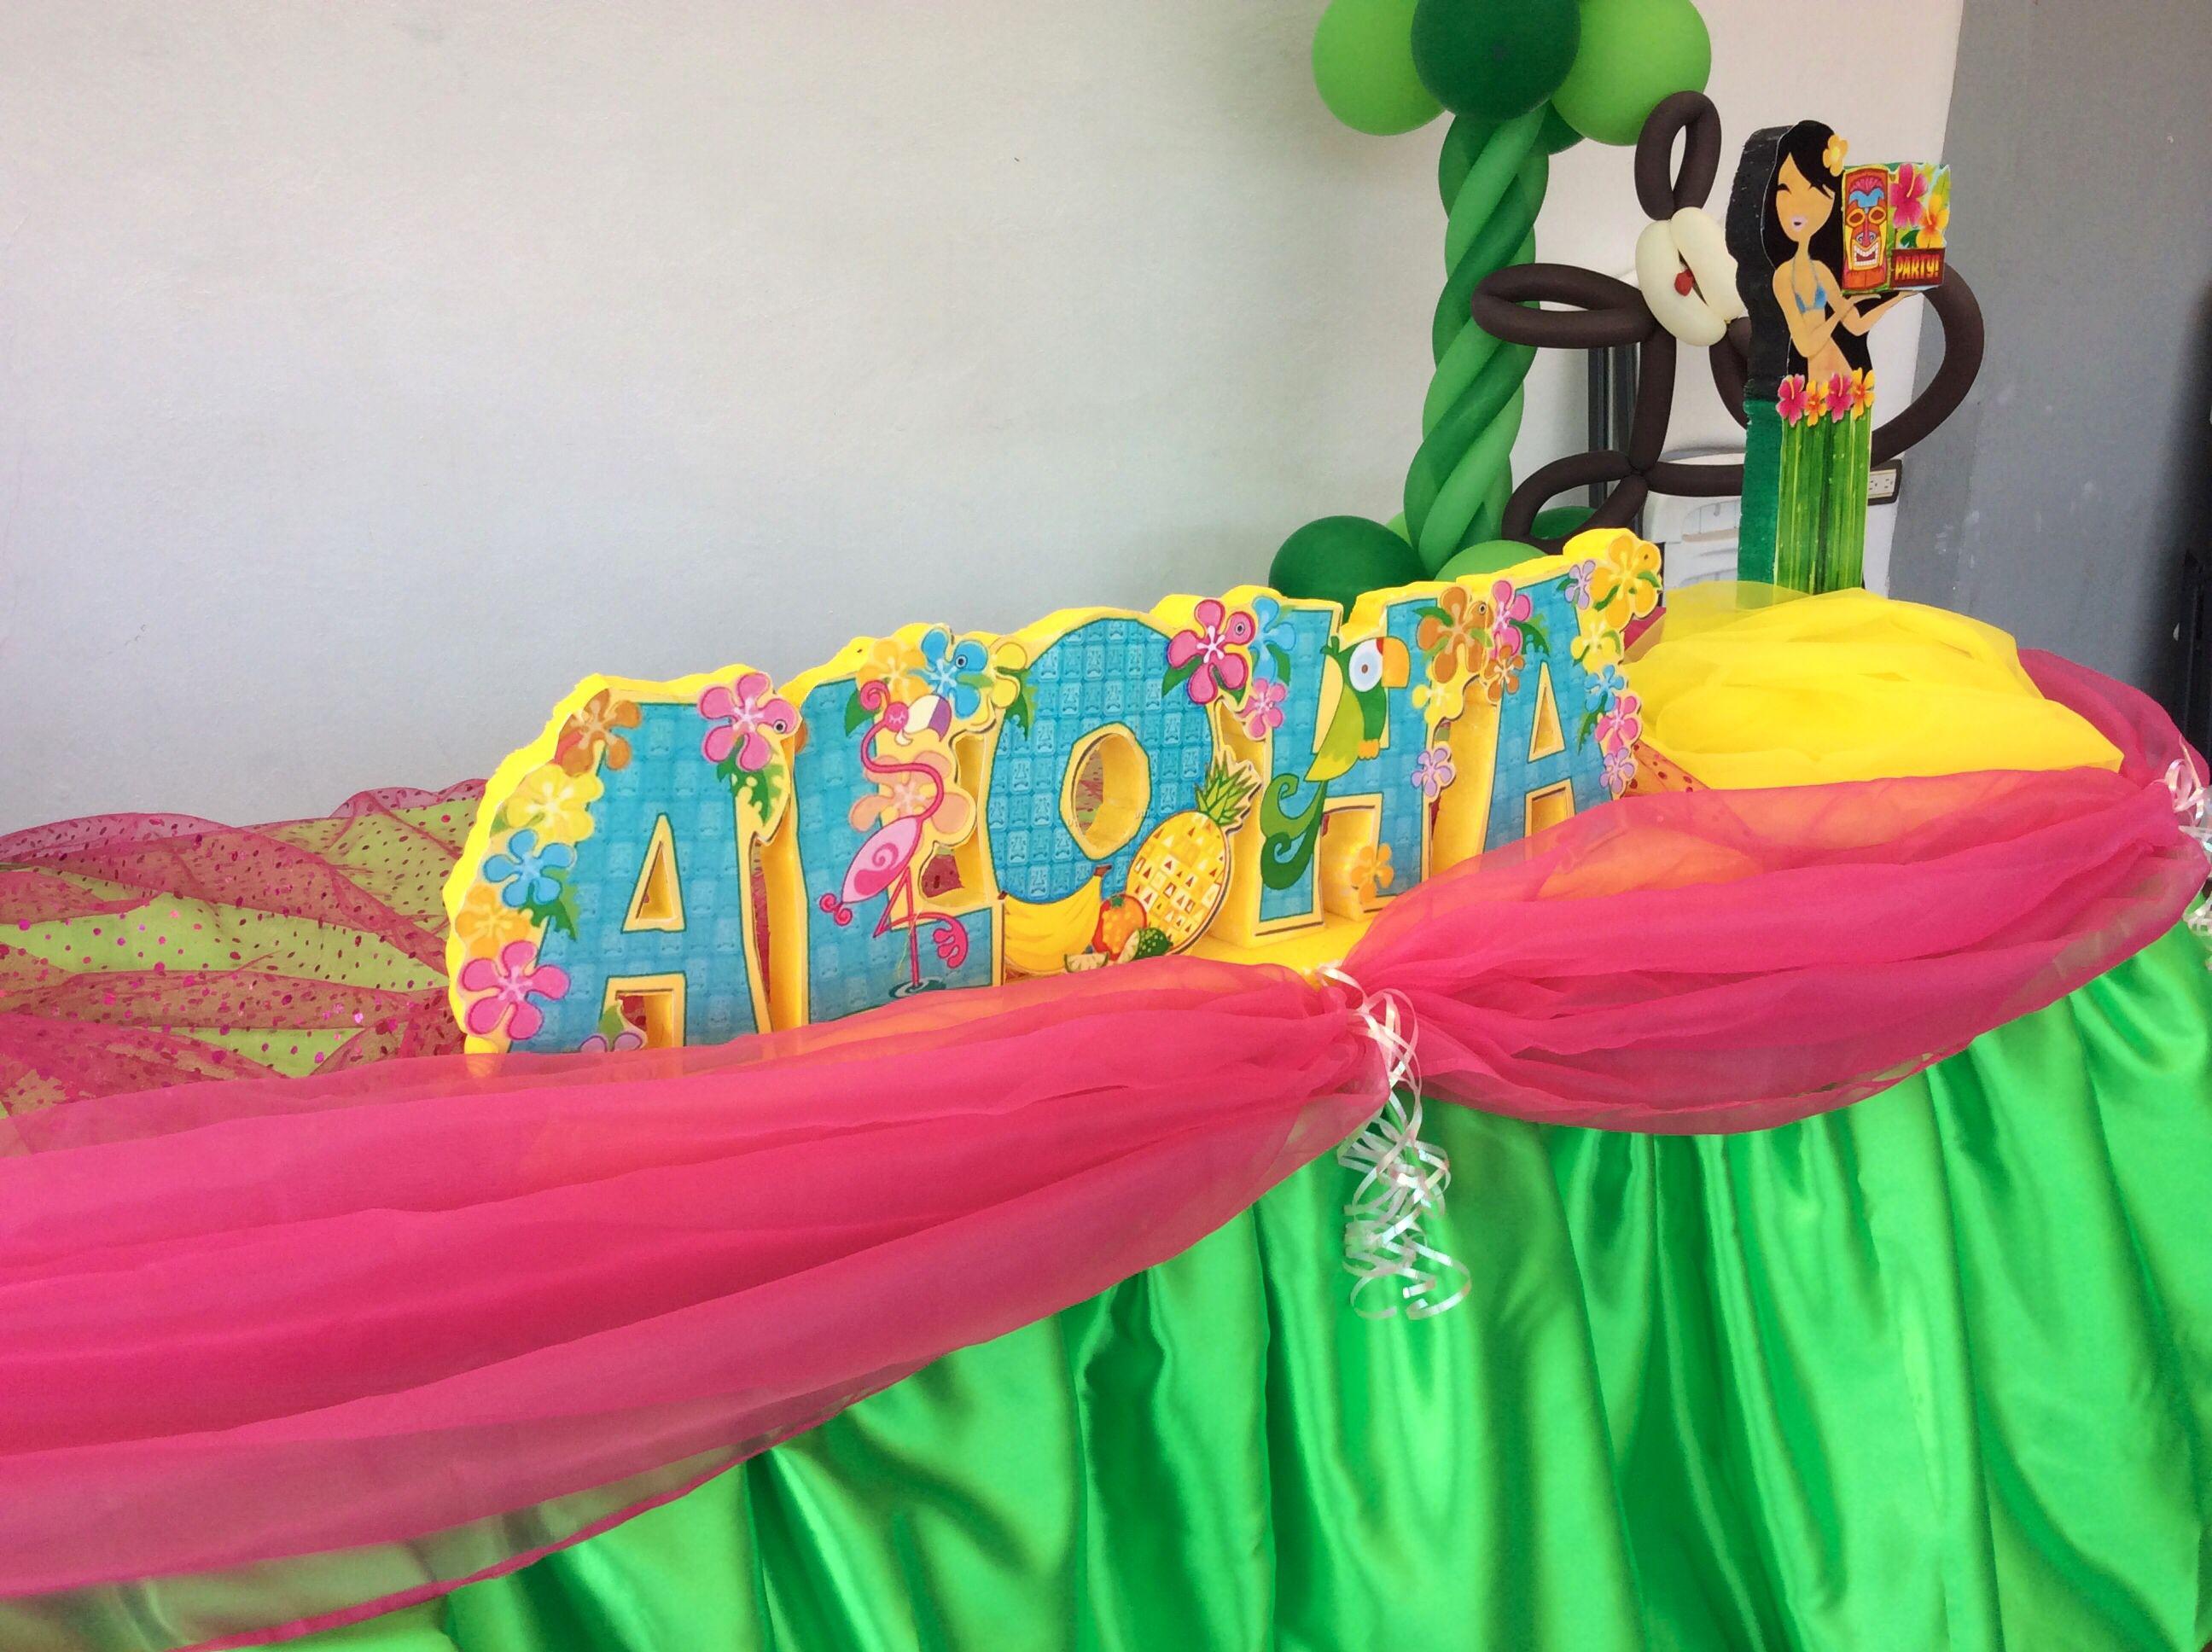 Detalles de la mesa principal fiesta hawaiana por decoraci n eventos norma fiesta hawaiana - Fiesta hawaiana ideas decoracion ...